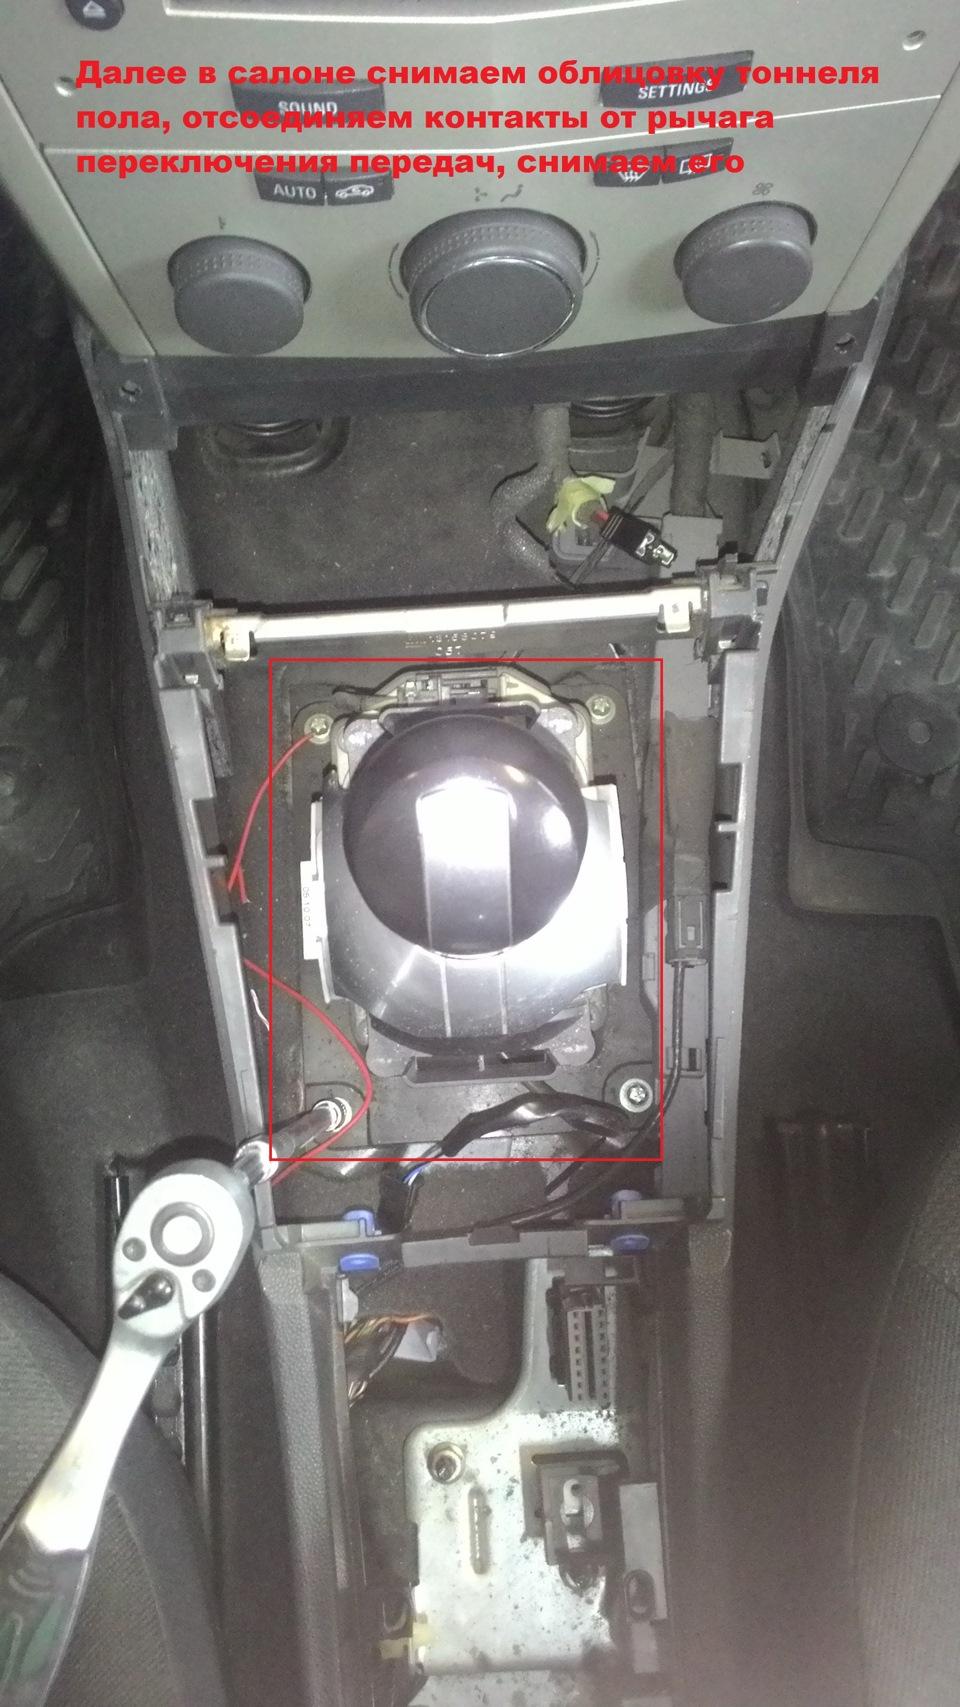 инструкция по эксплуатации авто опель мокка